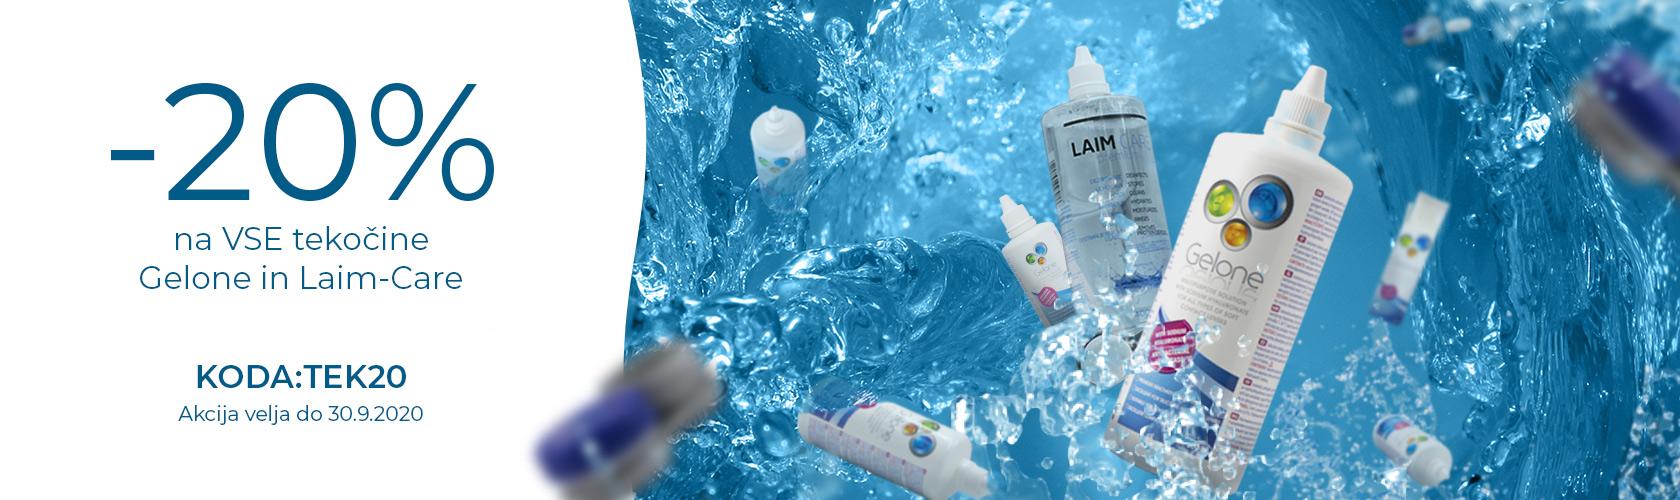 -20% na VSE tekočine Gelone in Laim-Care